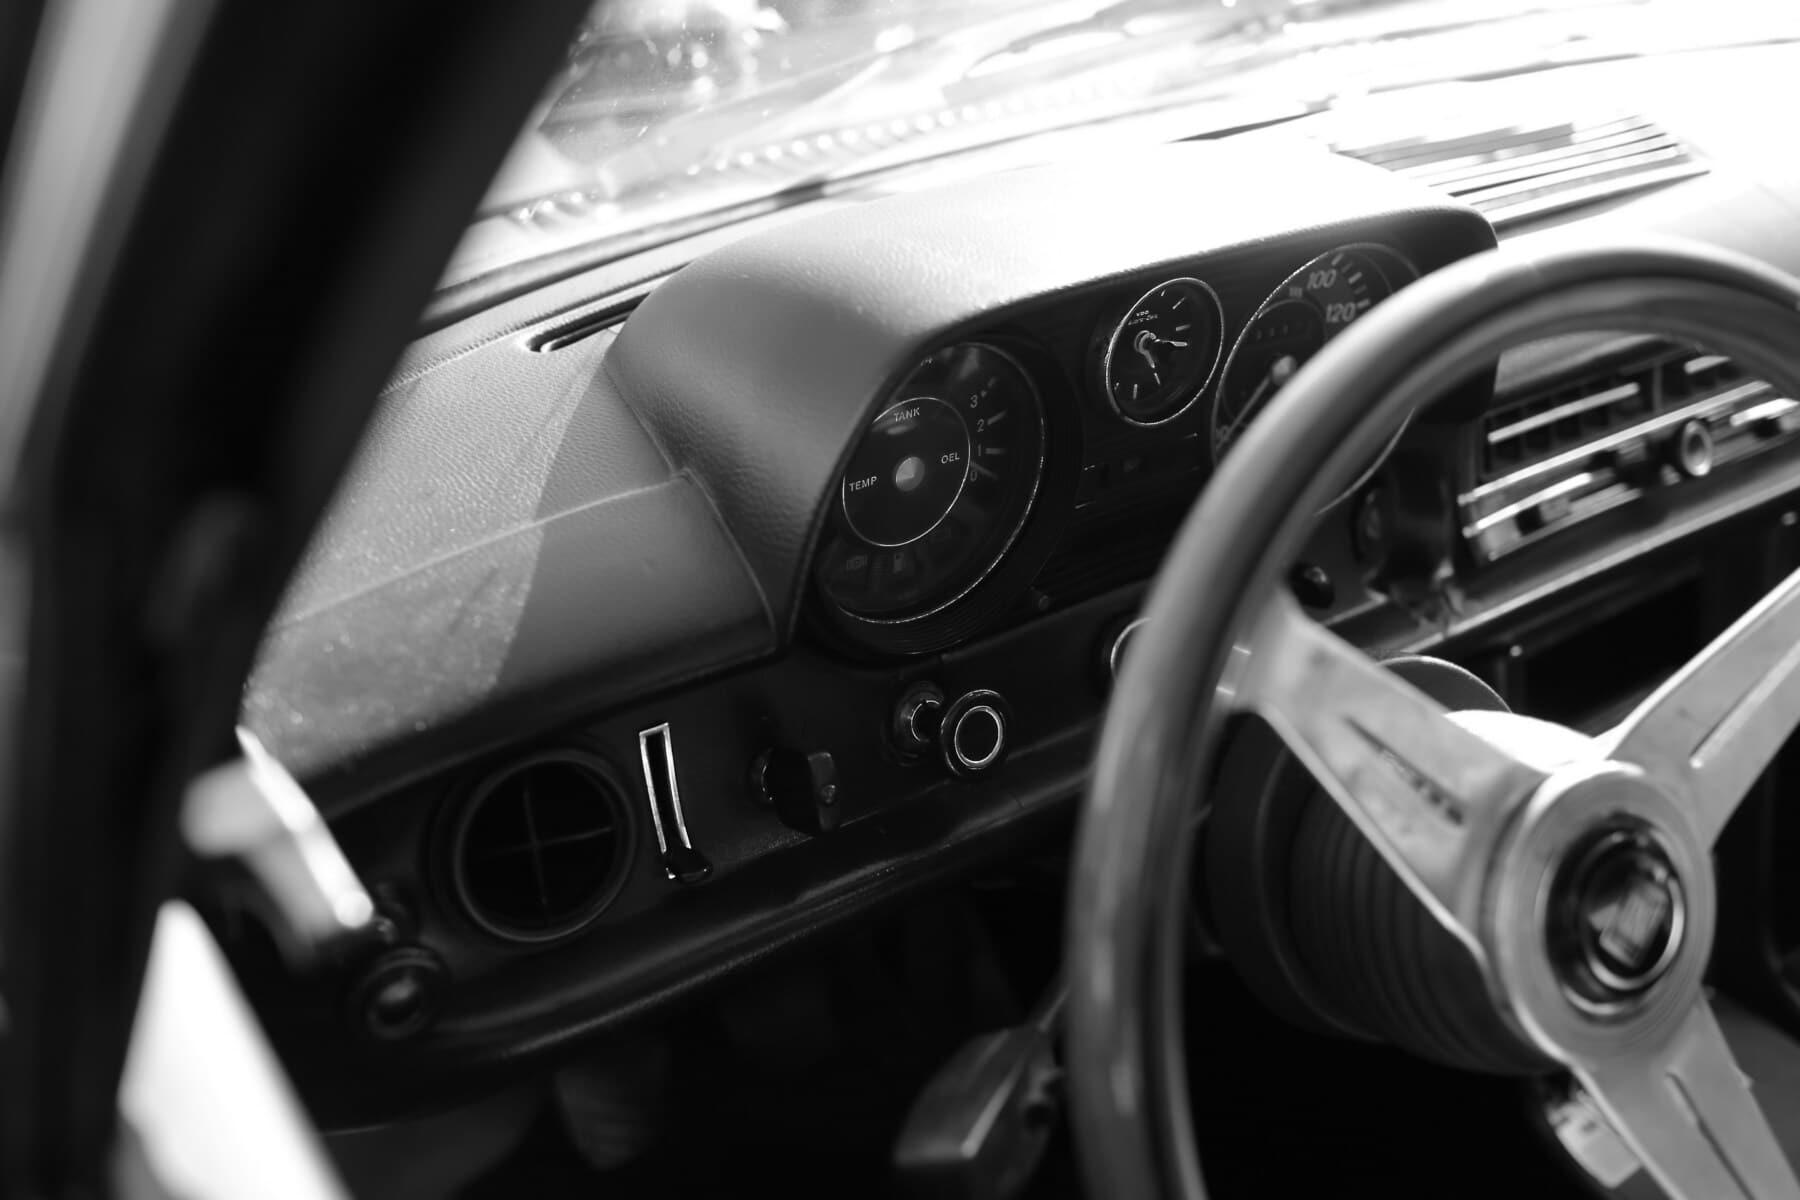 dashboard, oldtimer, car, sedan, speedometer, control panel, gauge, steering wheel, vehicle, automobile